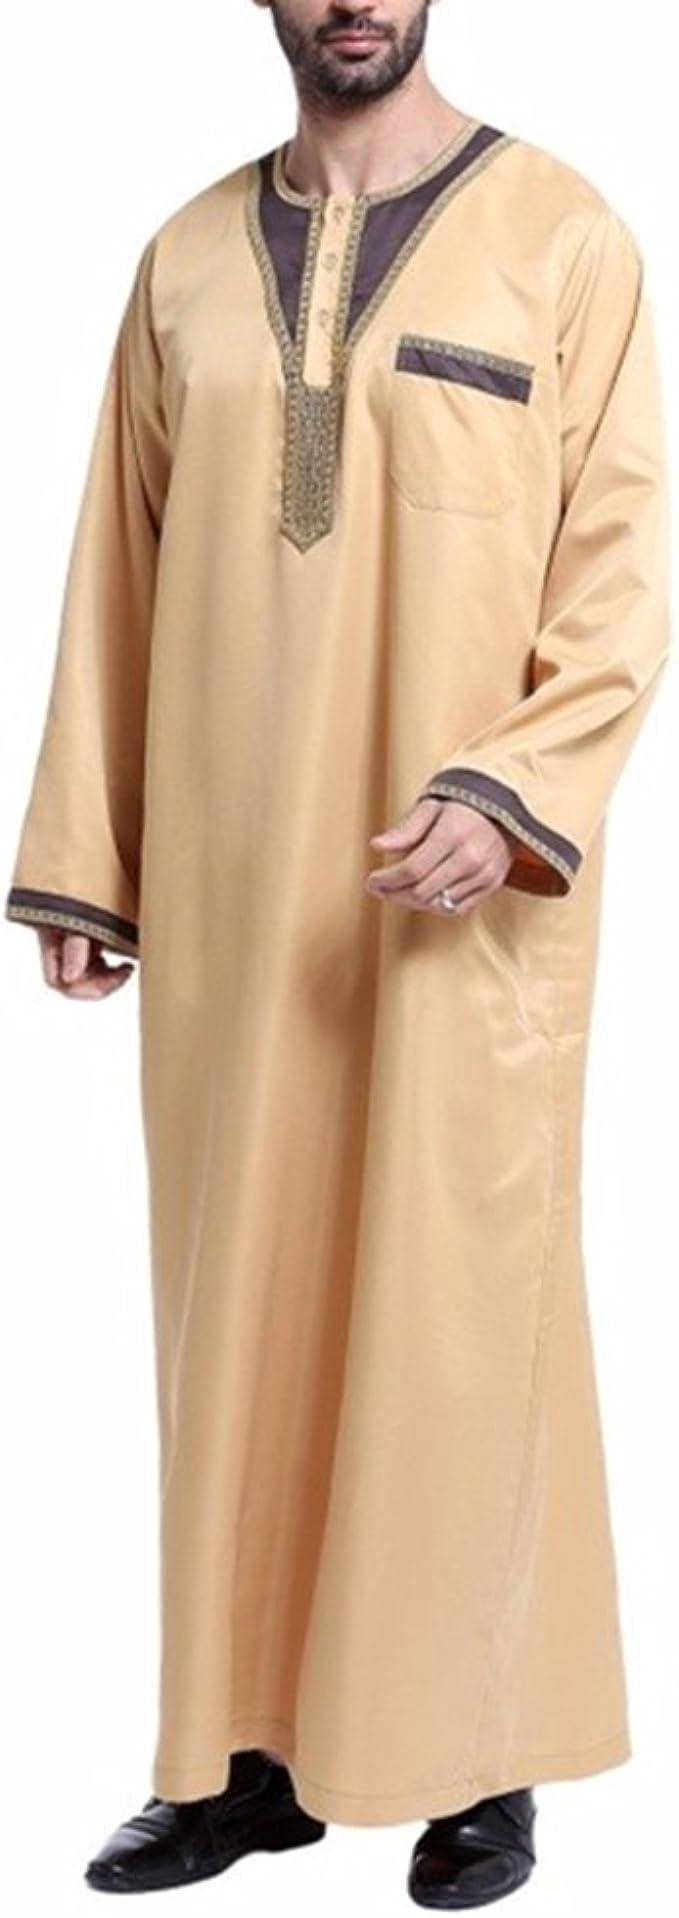 zhbotaolang Ropa Musulmana para Hombres Camisa de Vestir Masculina Islámica árabe con Bordados S-XXXL